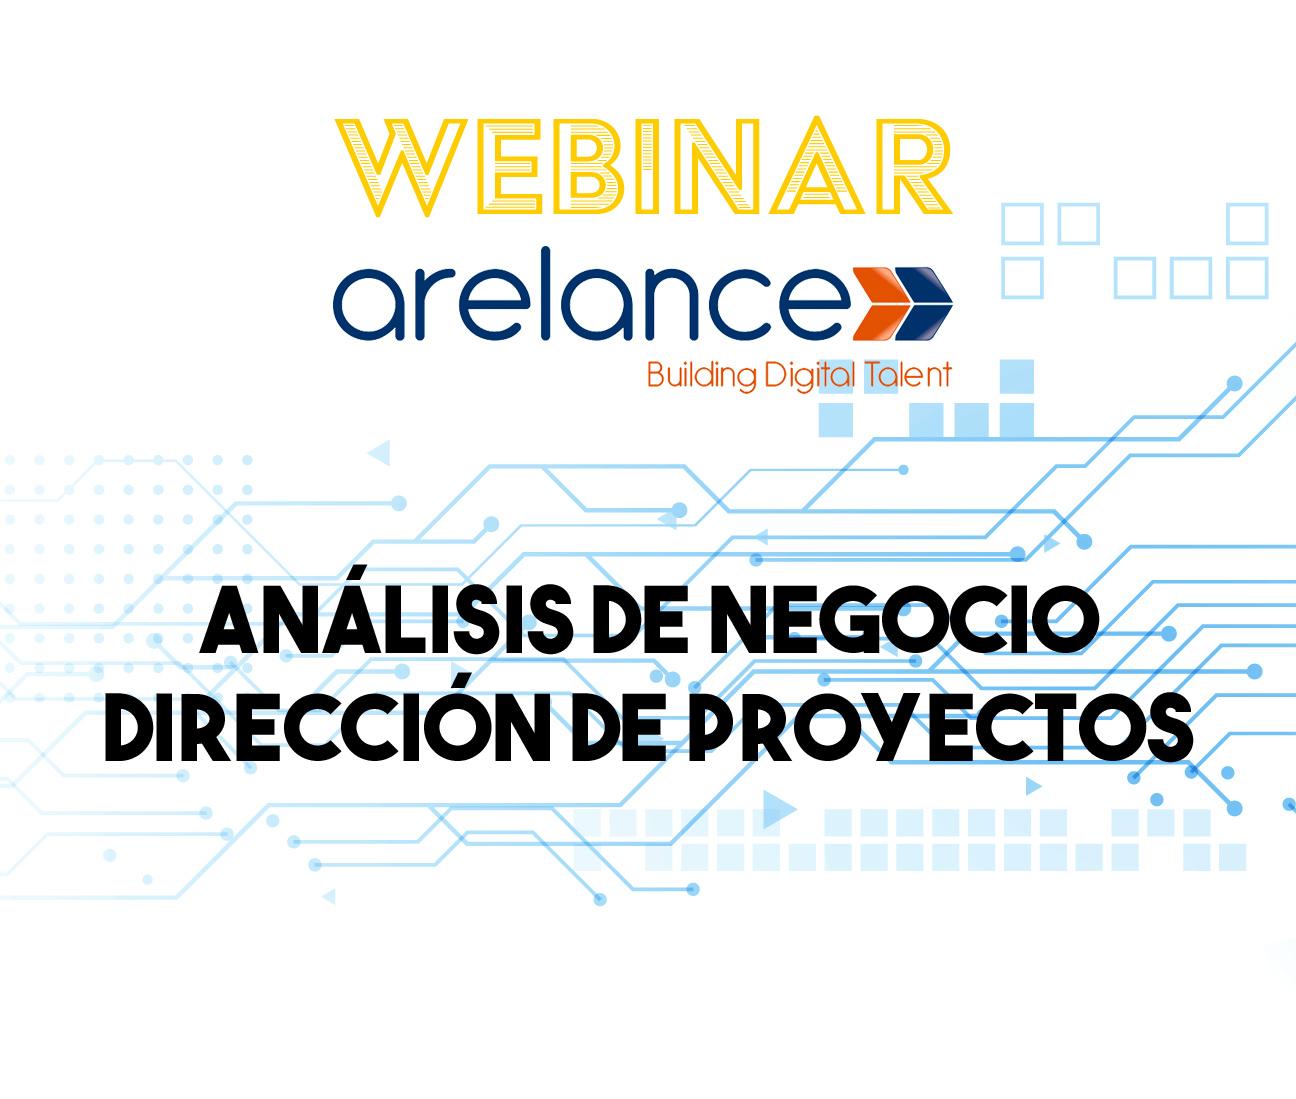 Webinar - Análisis de negocio y Dirección de proyectos